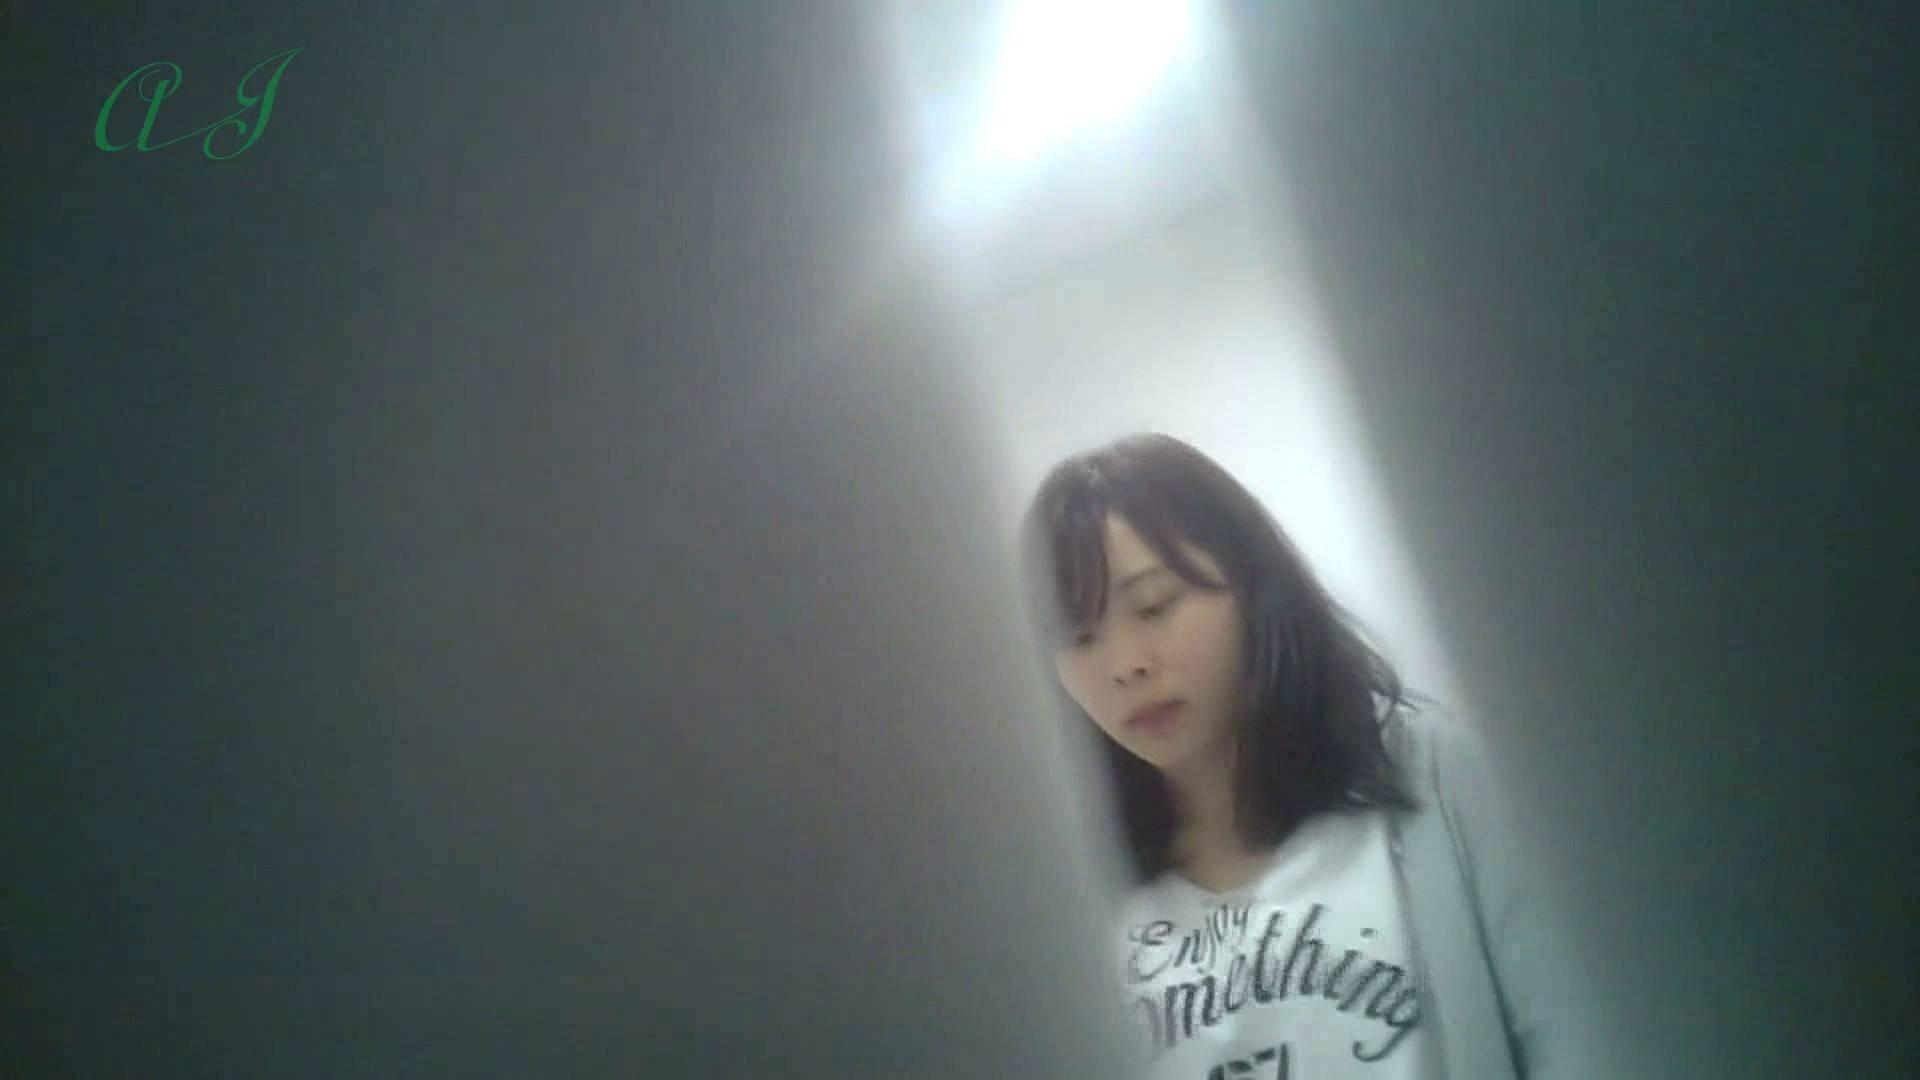 有名大学女性洗面所 vol.67トイレの女神さま♪ OLエロ画像   洗面所  108PICs 13